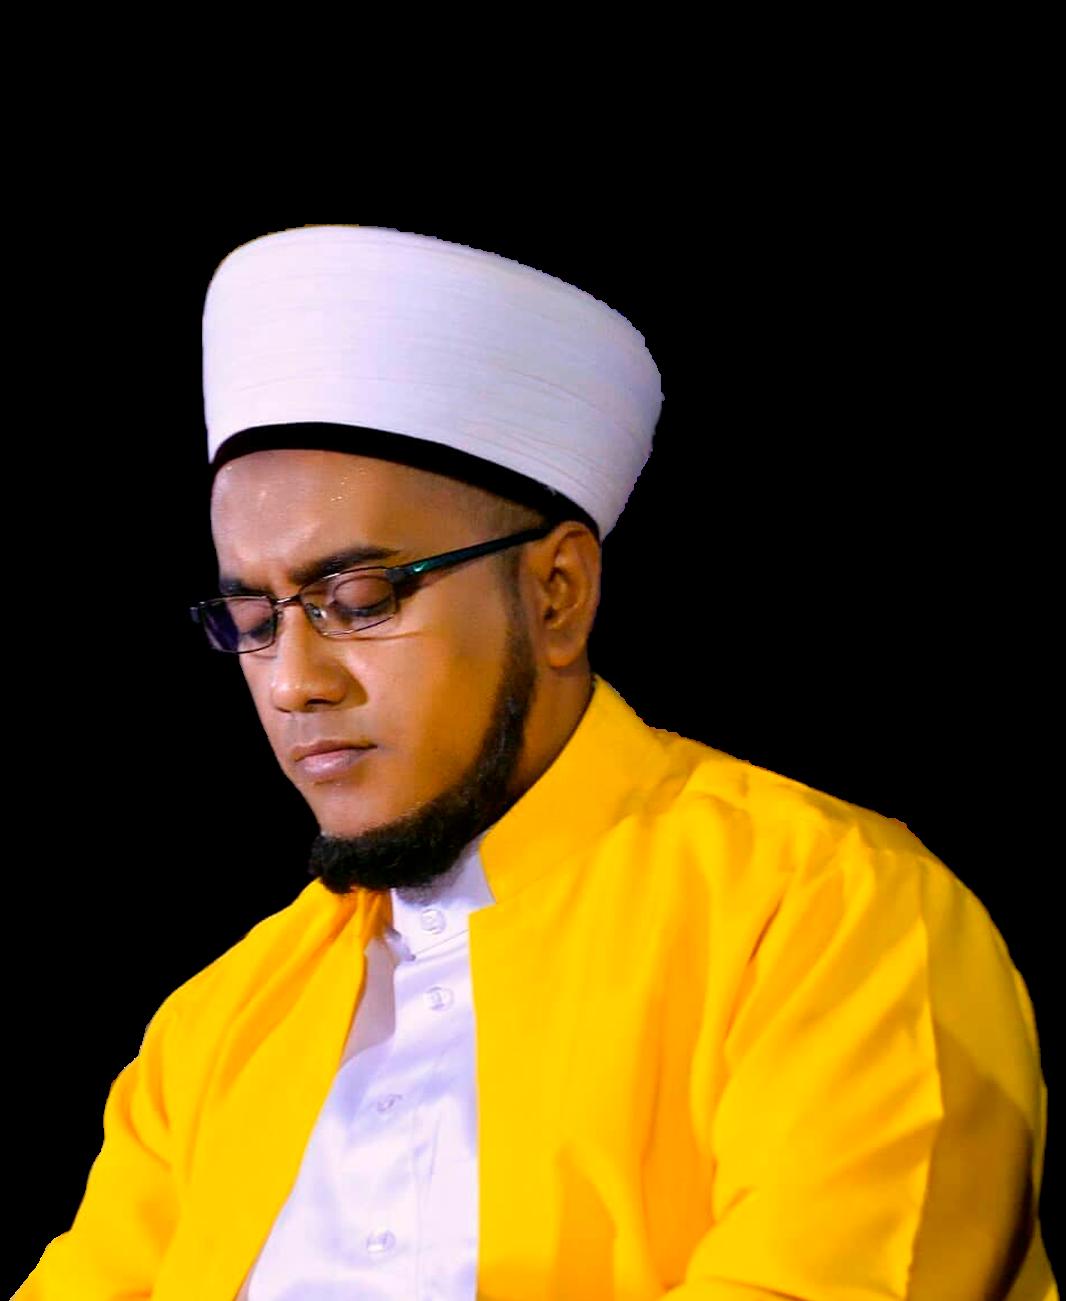 Download Wallpaper PNG Habib Hasan 006